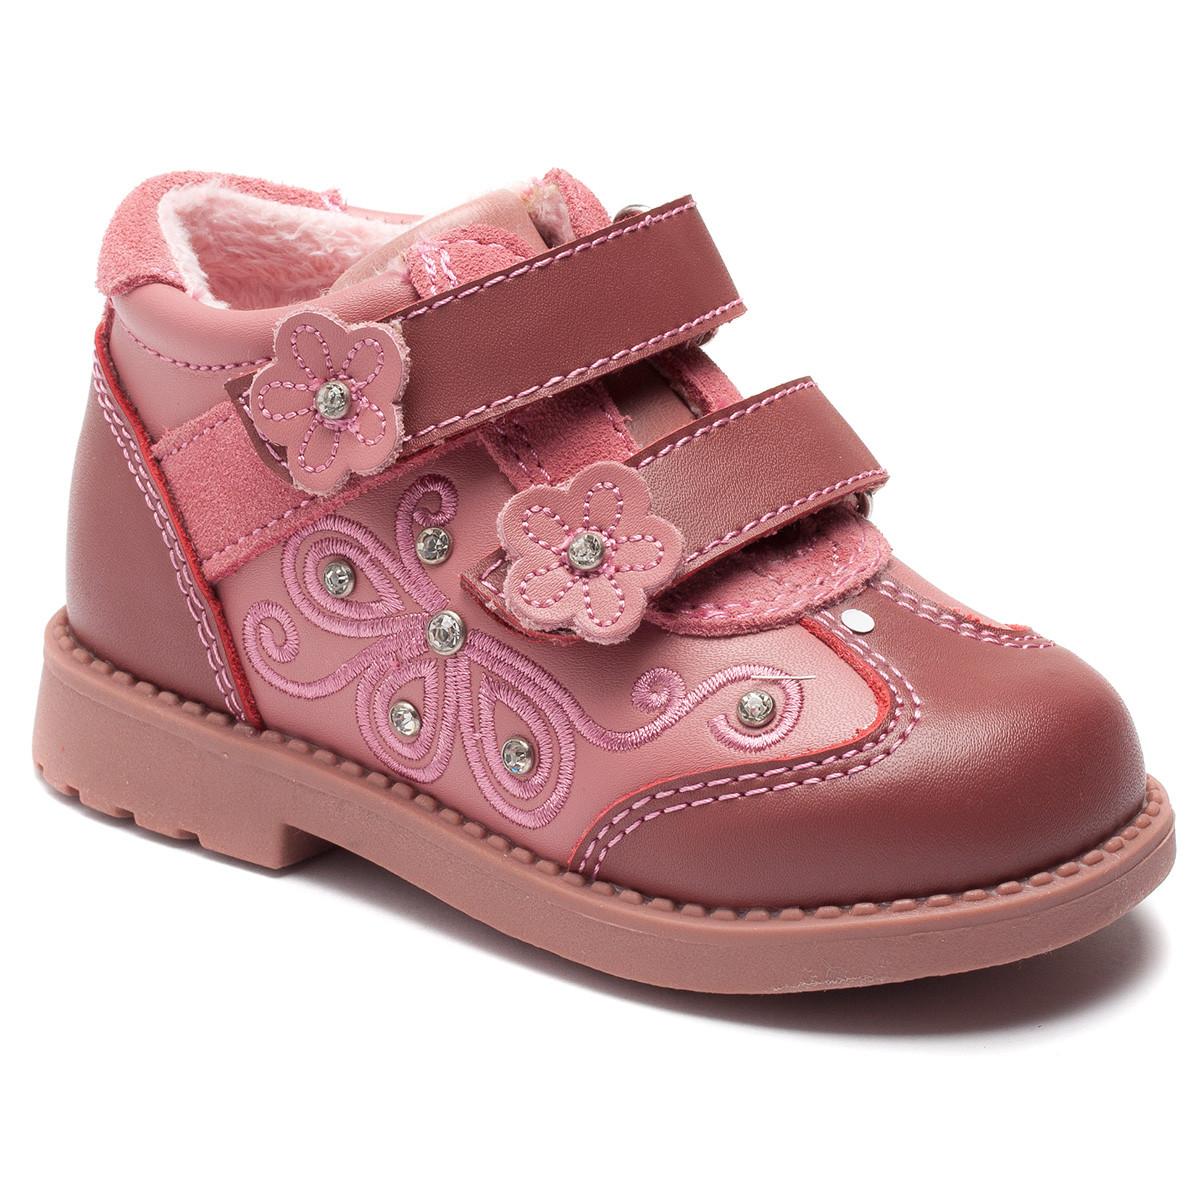 Ортопедические демисезонные ботинки Lapsi для девочки ... f4ce176ffc1d9